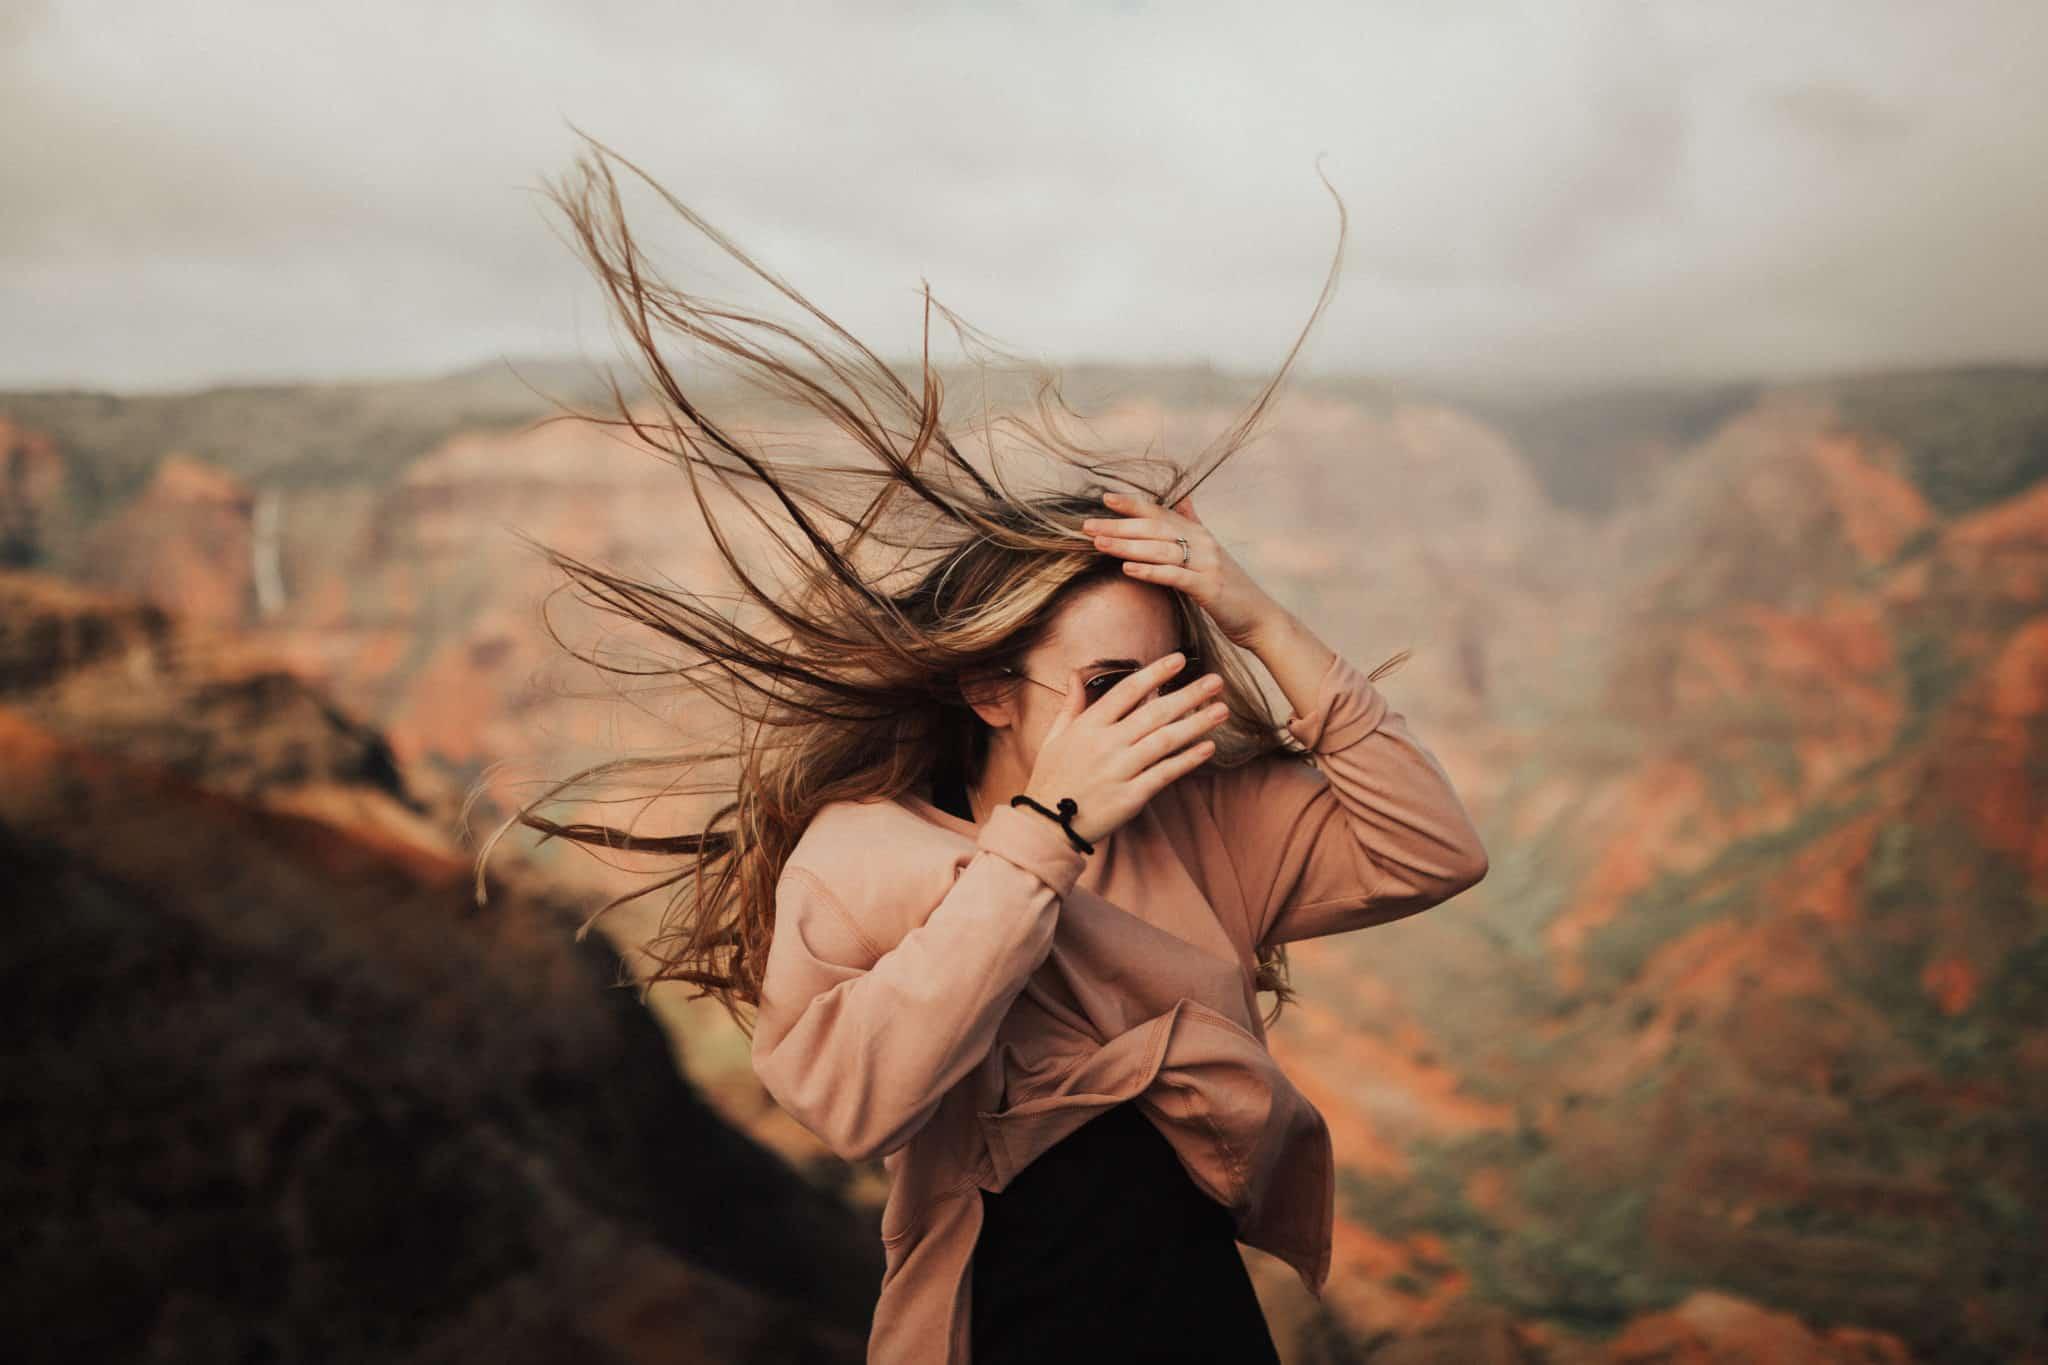 Blowing Hair at Waimea Canyon - Travel Photography Tips